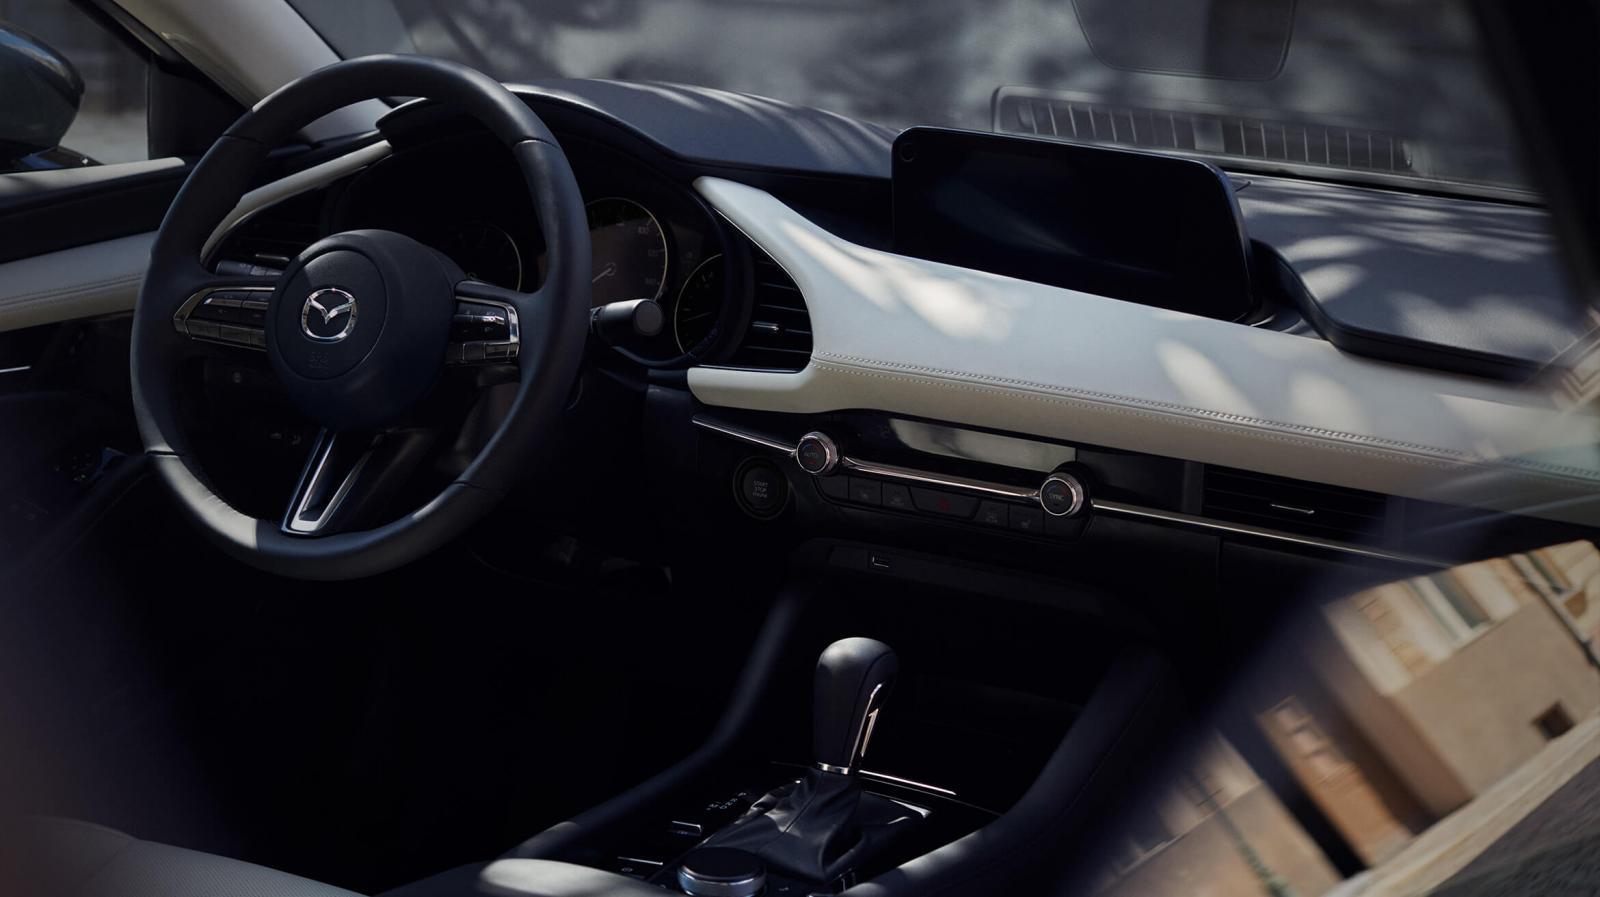 El Mazda 3 Sedán i Grand Touring TA 2019 presume más sistemas de asistencia al conductor, lo que se traduce en un manejo más confiable y mayor gobernabilidad